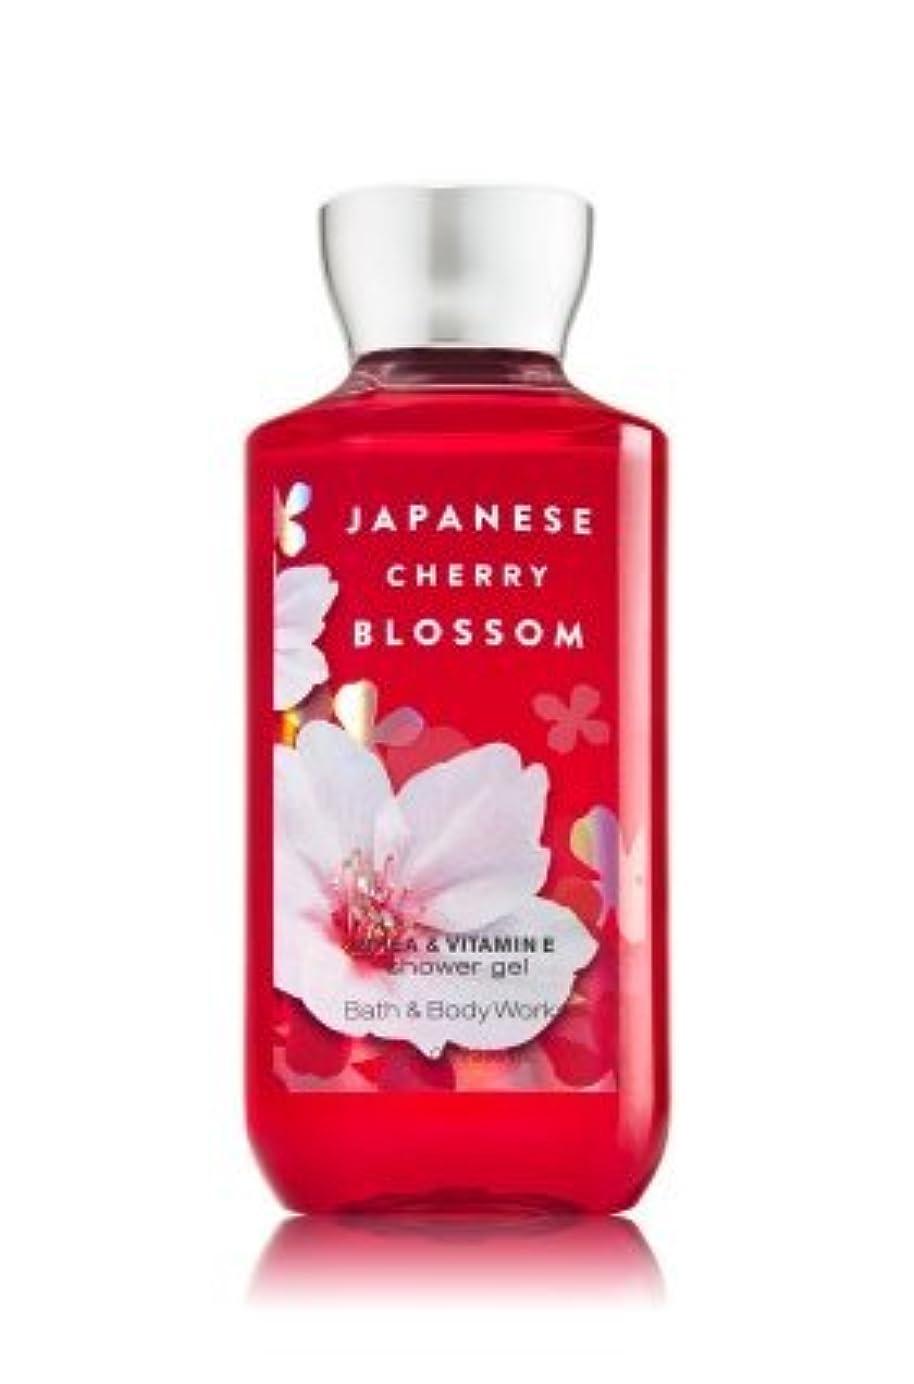 め言葉お香アジャ【Bath&Body Works/バス&ボディワークス】 シャワージェル ジャパニーズチェリーブロッサム Shower Gel Japanese Cherry Blossom 10 fl oz / 295 mL [並行輸入品]